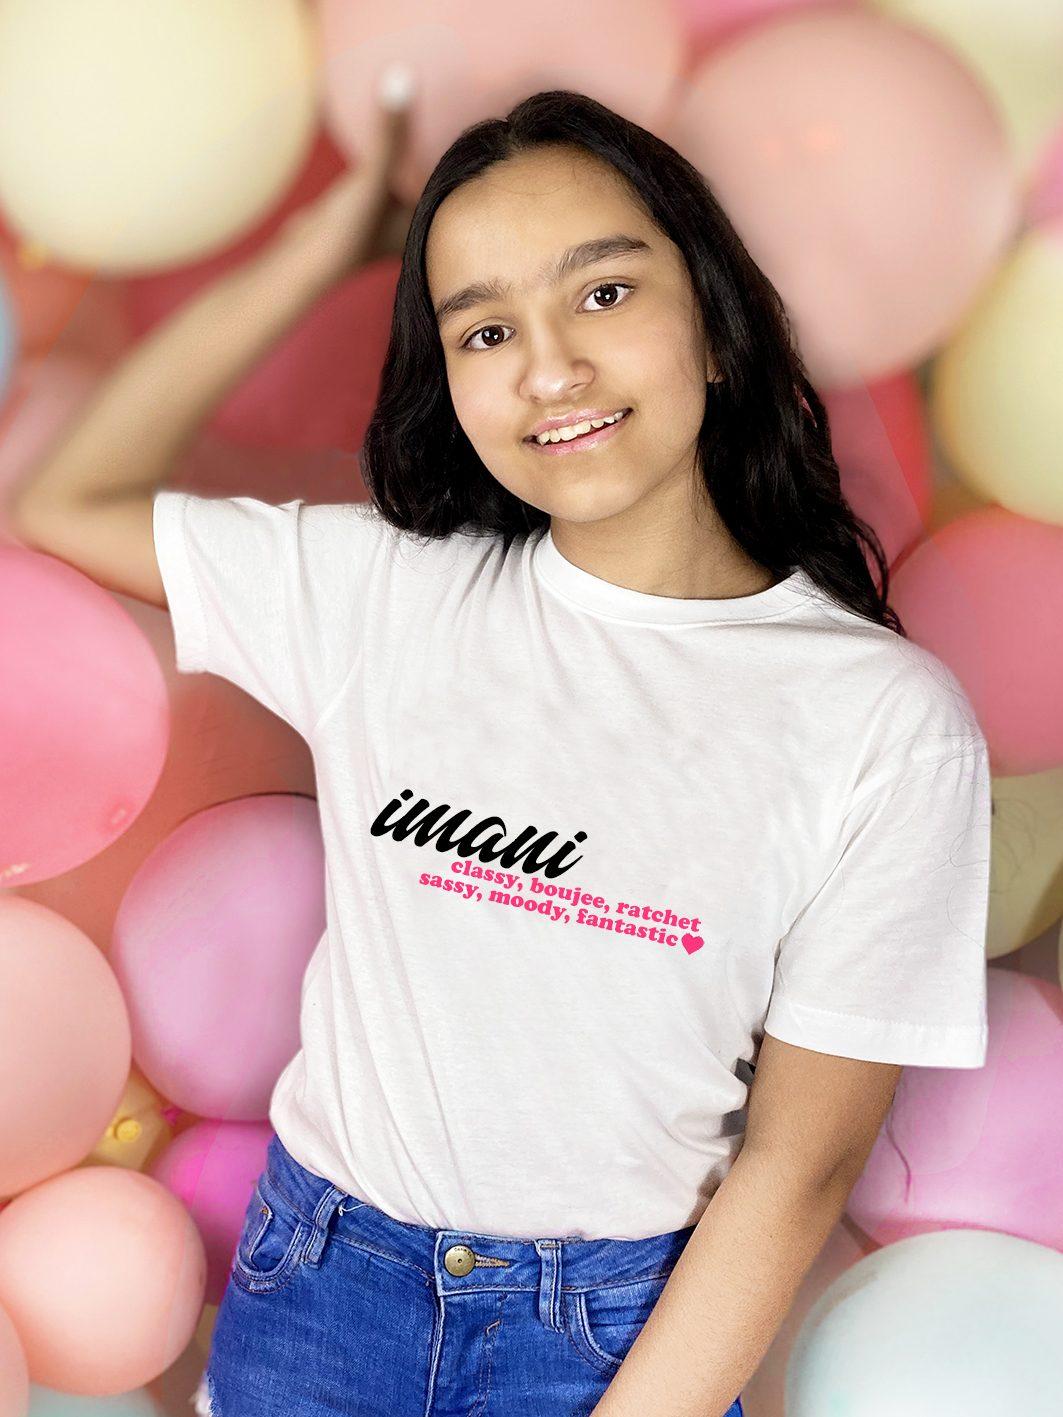 DARE TO DREAM: Iman Mirza